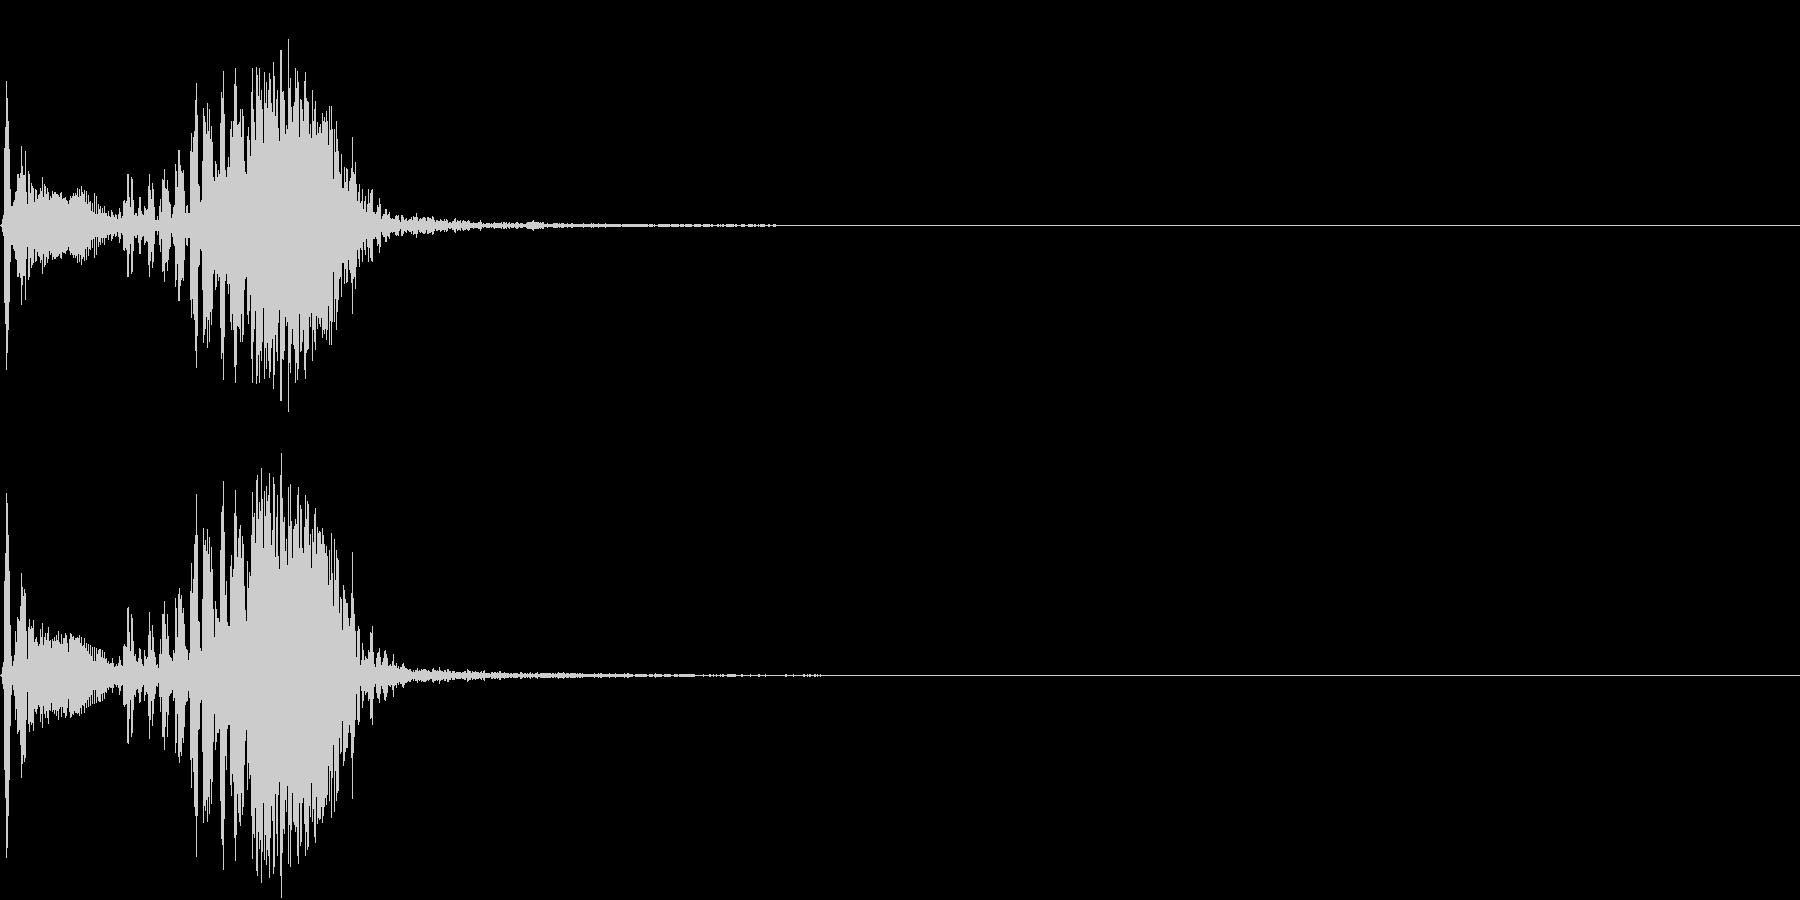 【生録音】フラミンゴの鳴き声 10の未再生の波形